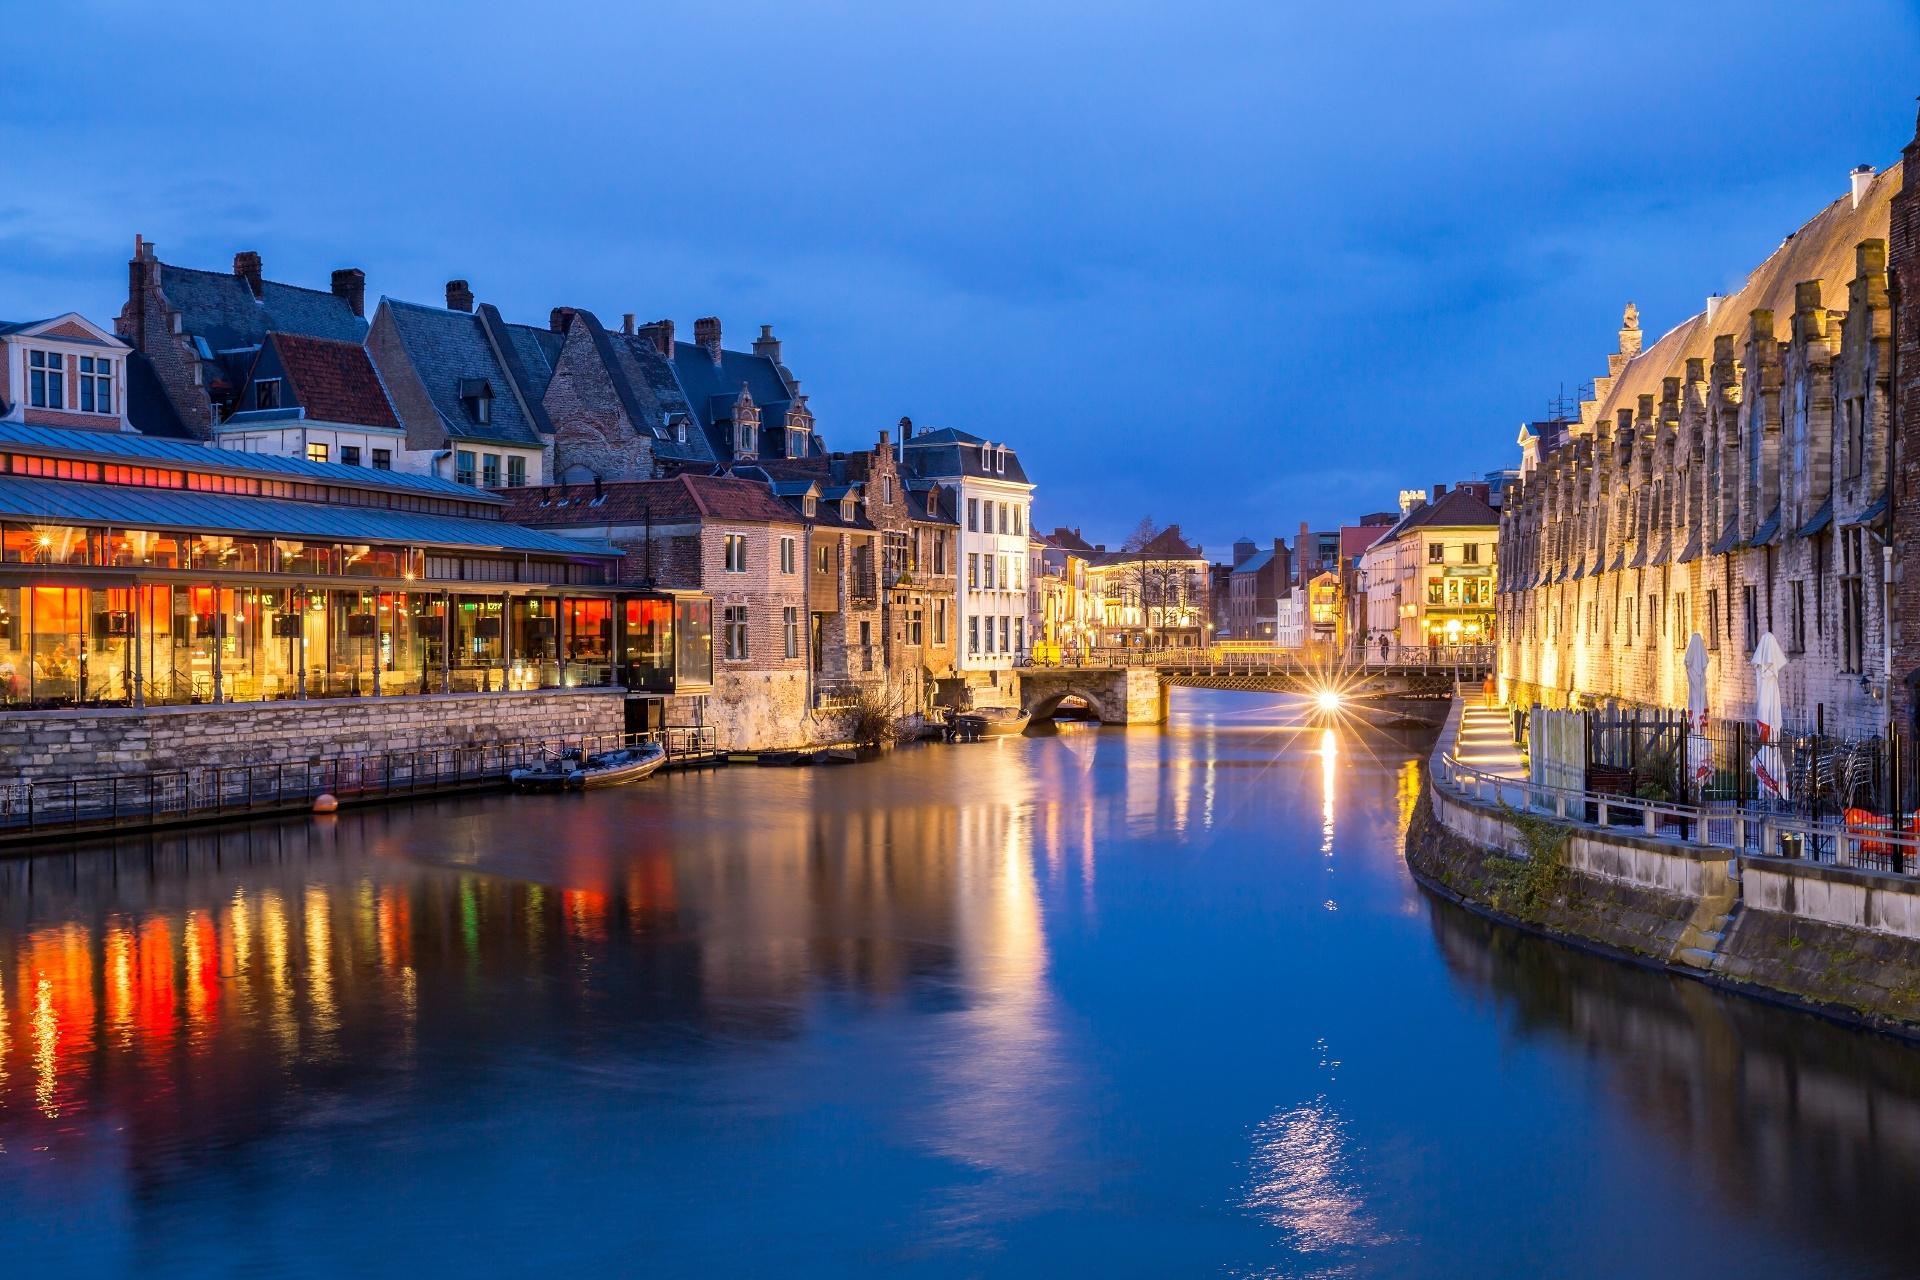 ヘントの風景 ベルギーの風景